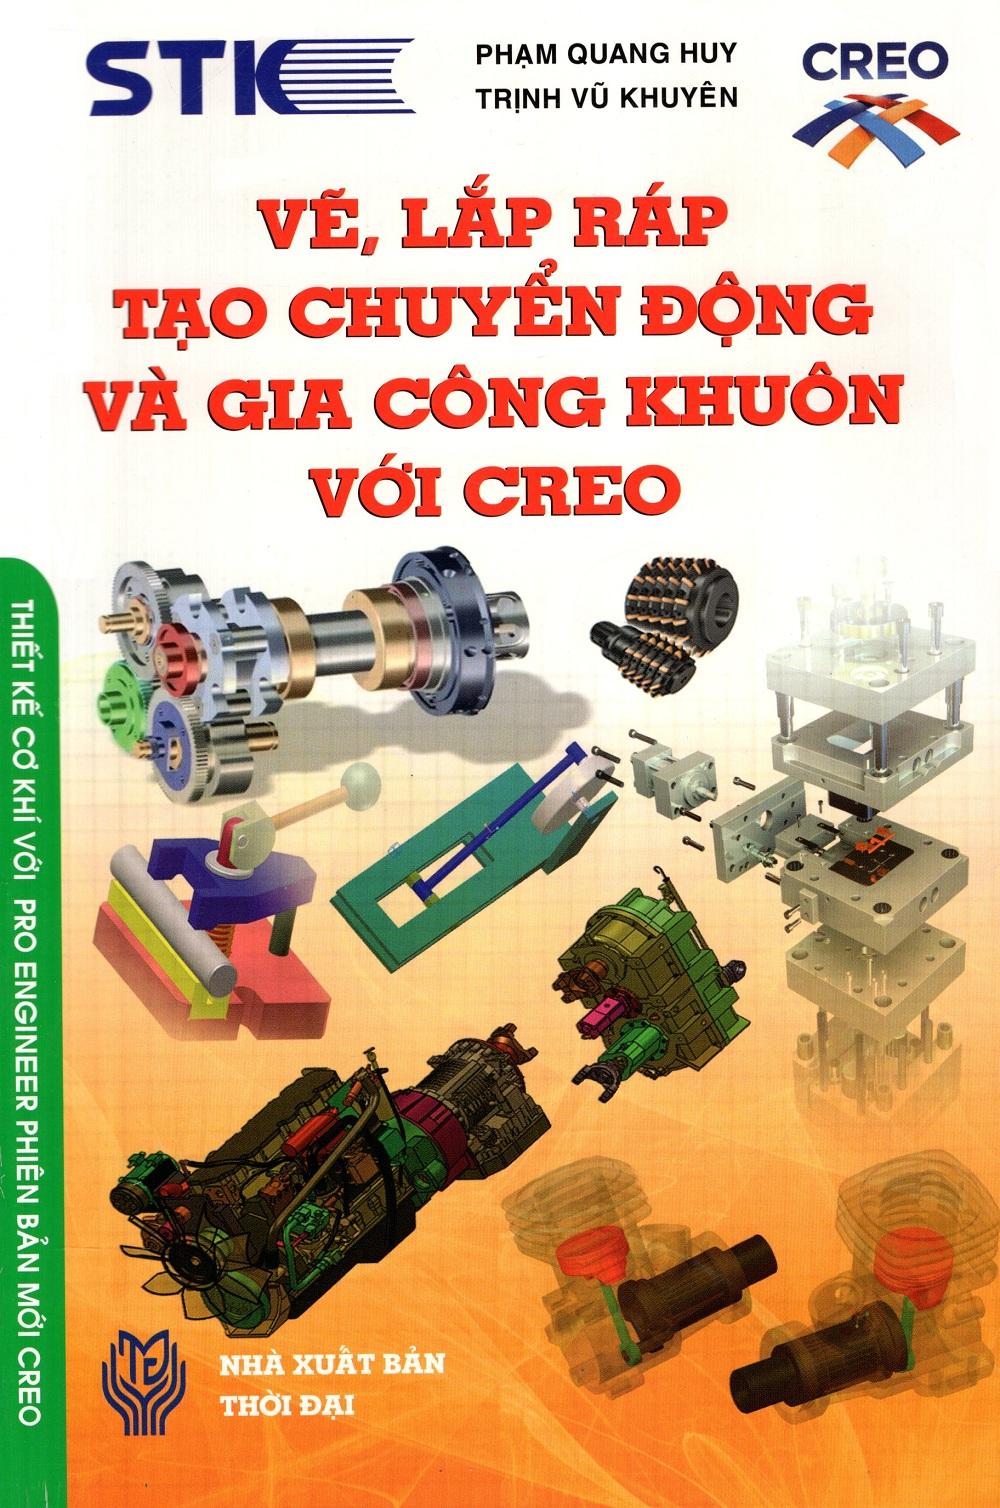 Bìa sách Vẽ, Lắp Ráp Tạo Chuyển Động Và Gia Công Khuôn Với Creo